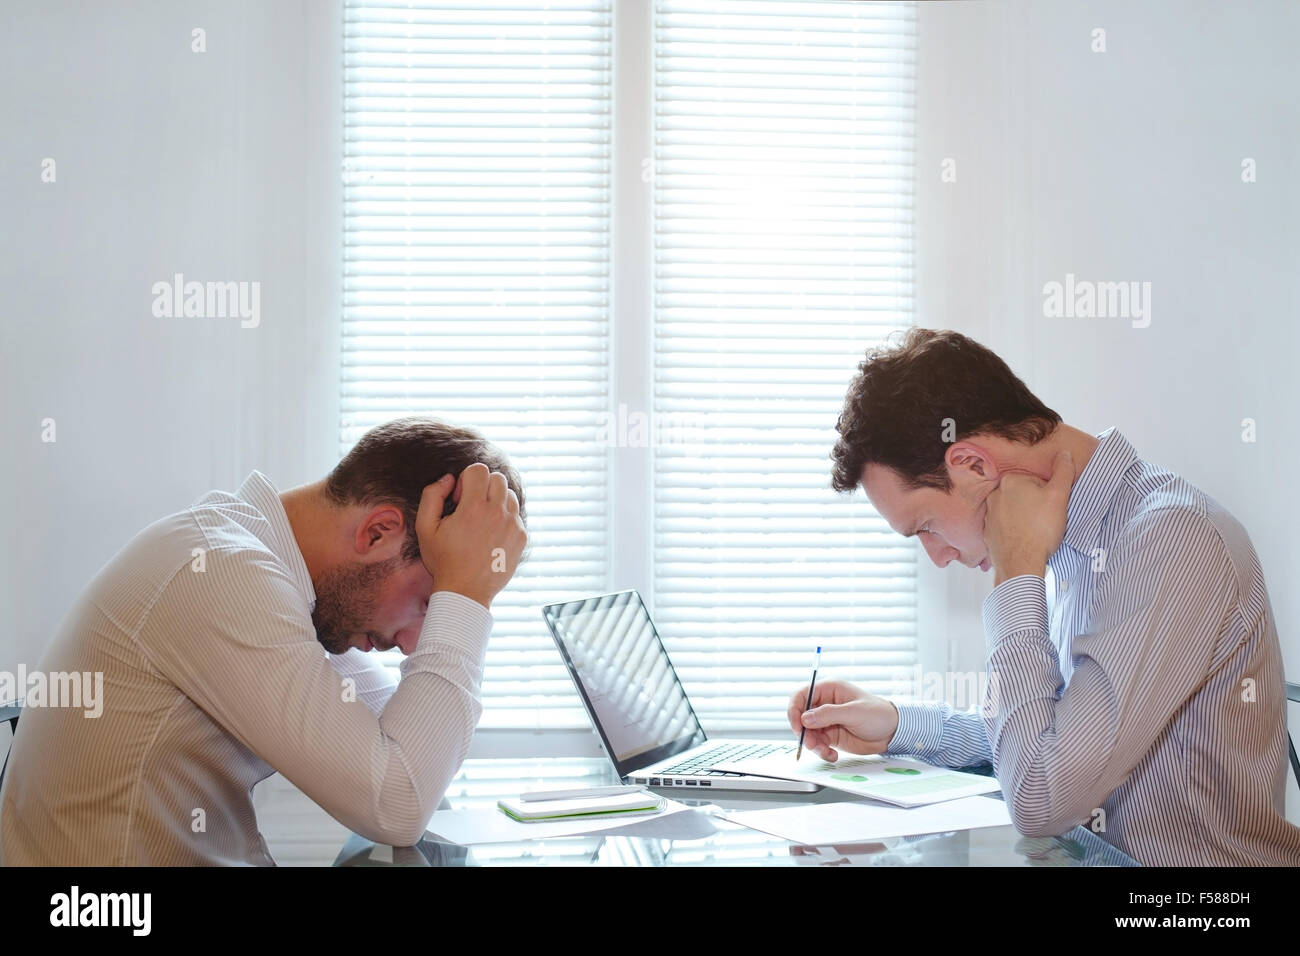 Les hommes d'affaires fatigués, crise financière dans l'entreprise Photo Stock